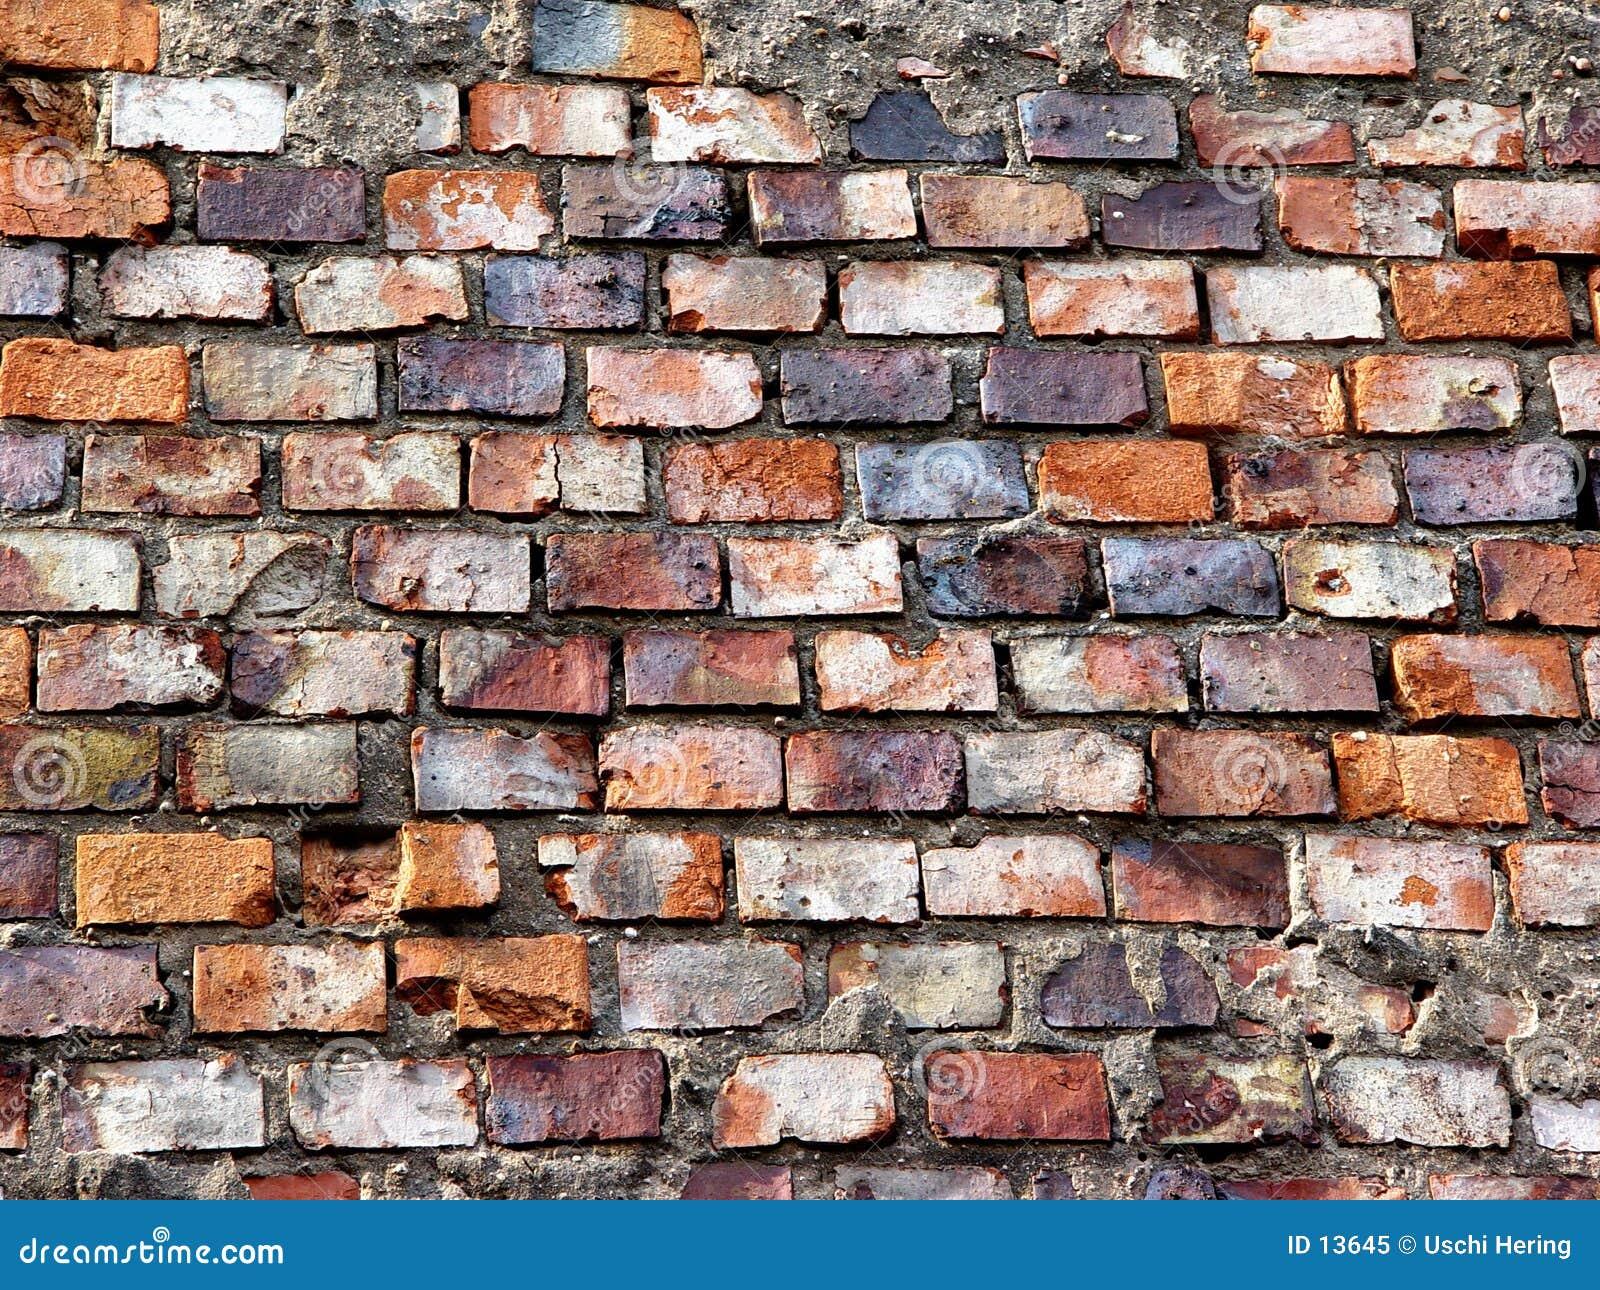 brick wall, grungy